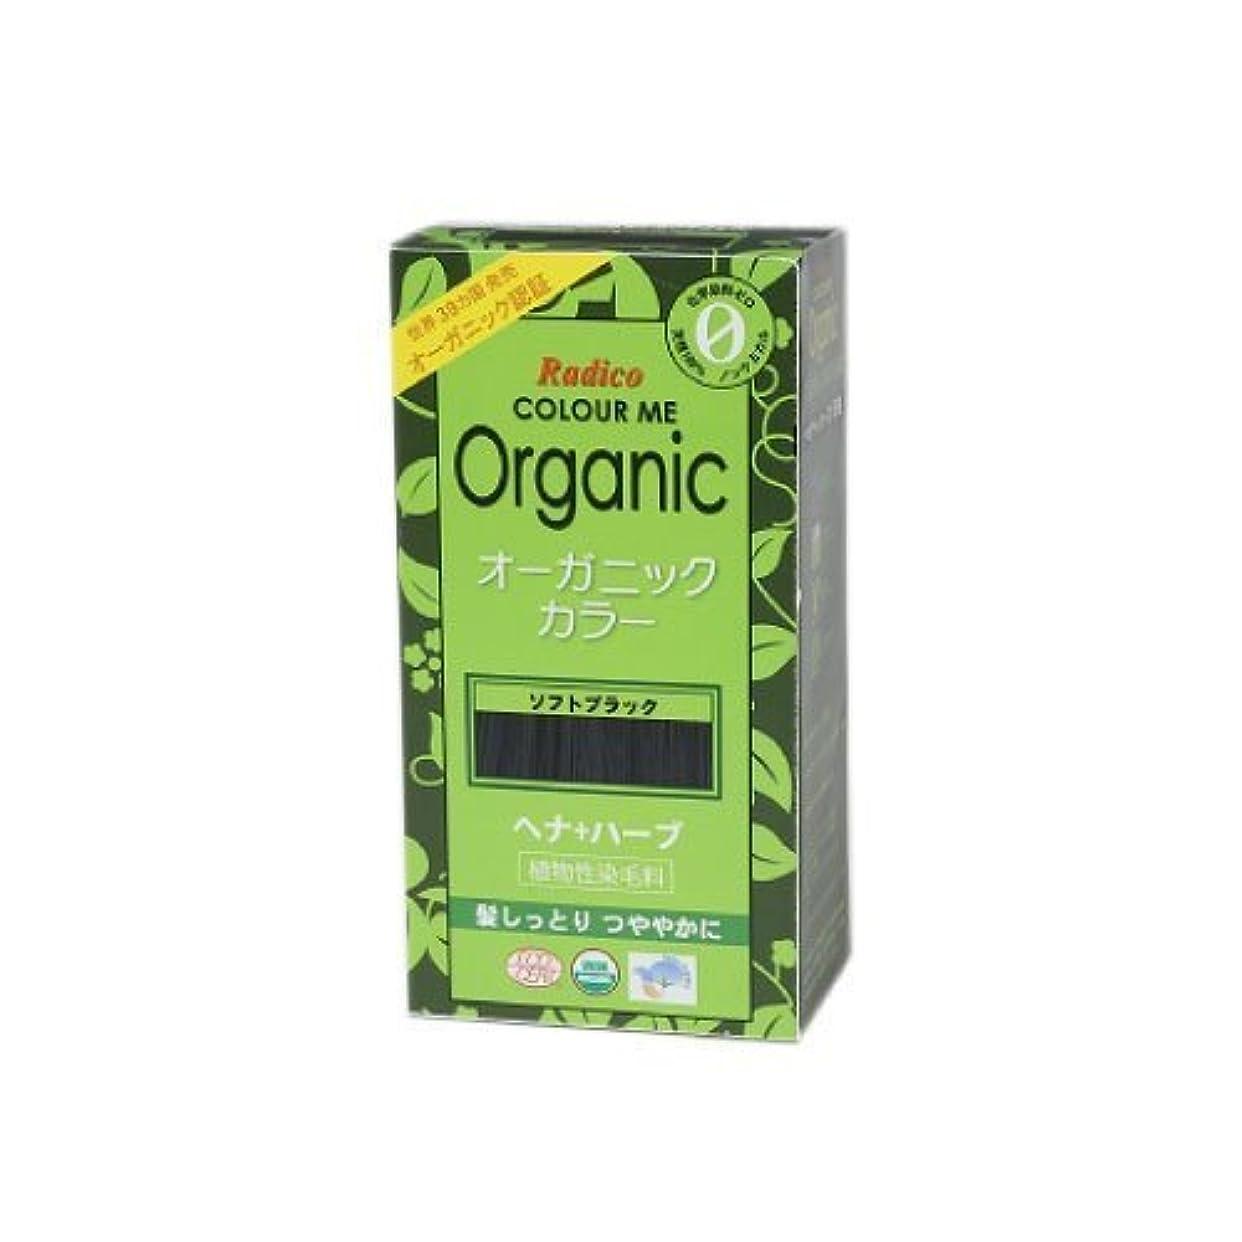 つば減少逸話COLOURME Organic (カラーミーオーガニック ヘナ 白髪用 髪色戻し) ソフトブラック 100g